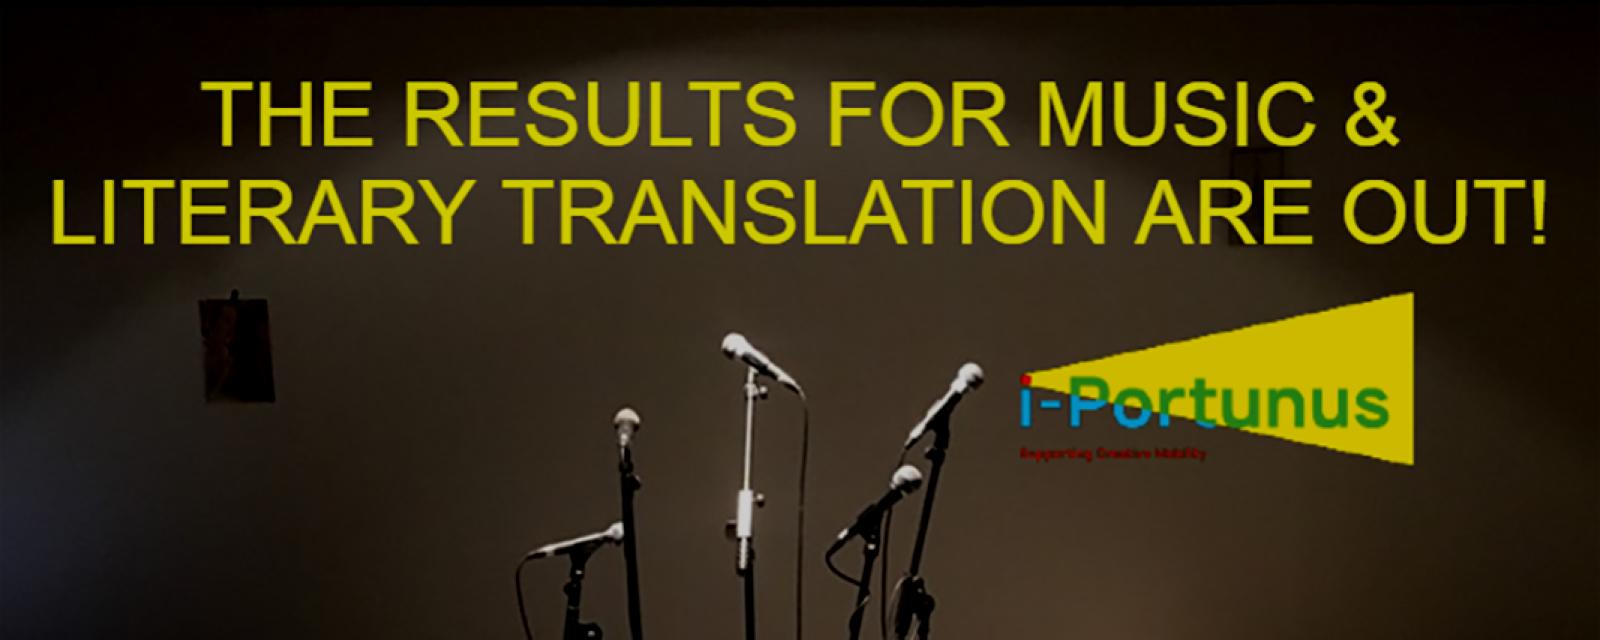 resultats_i-portunus-2021-1